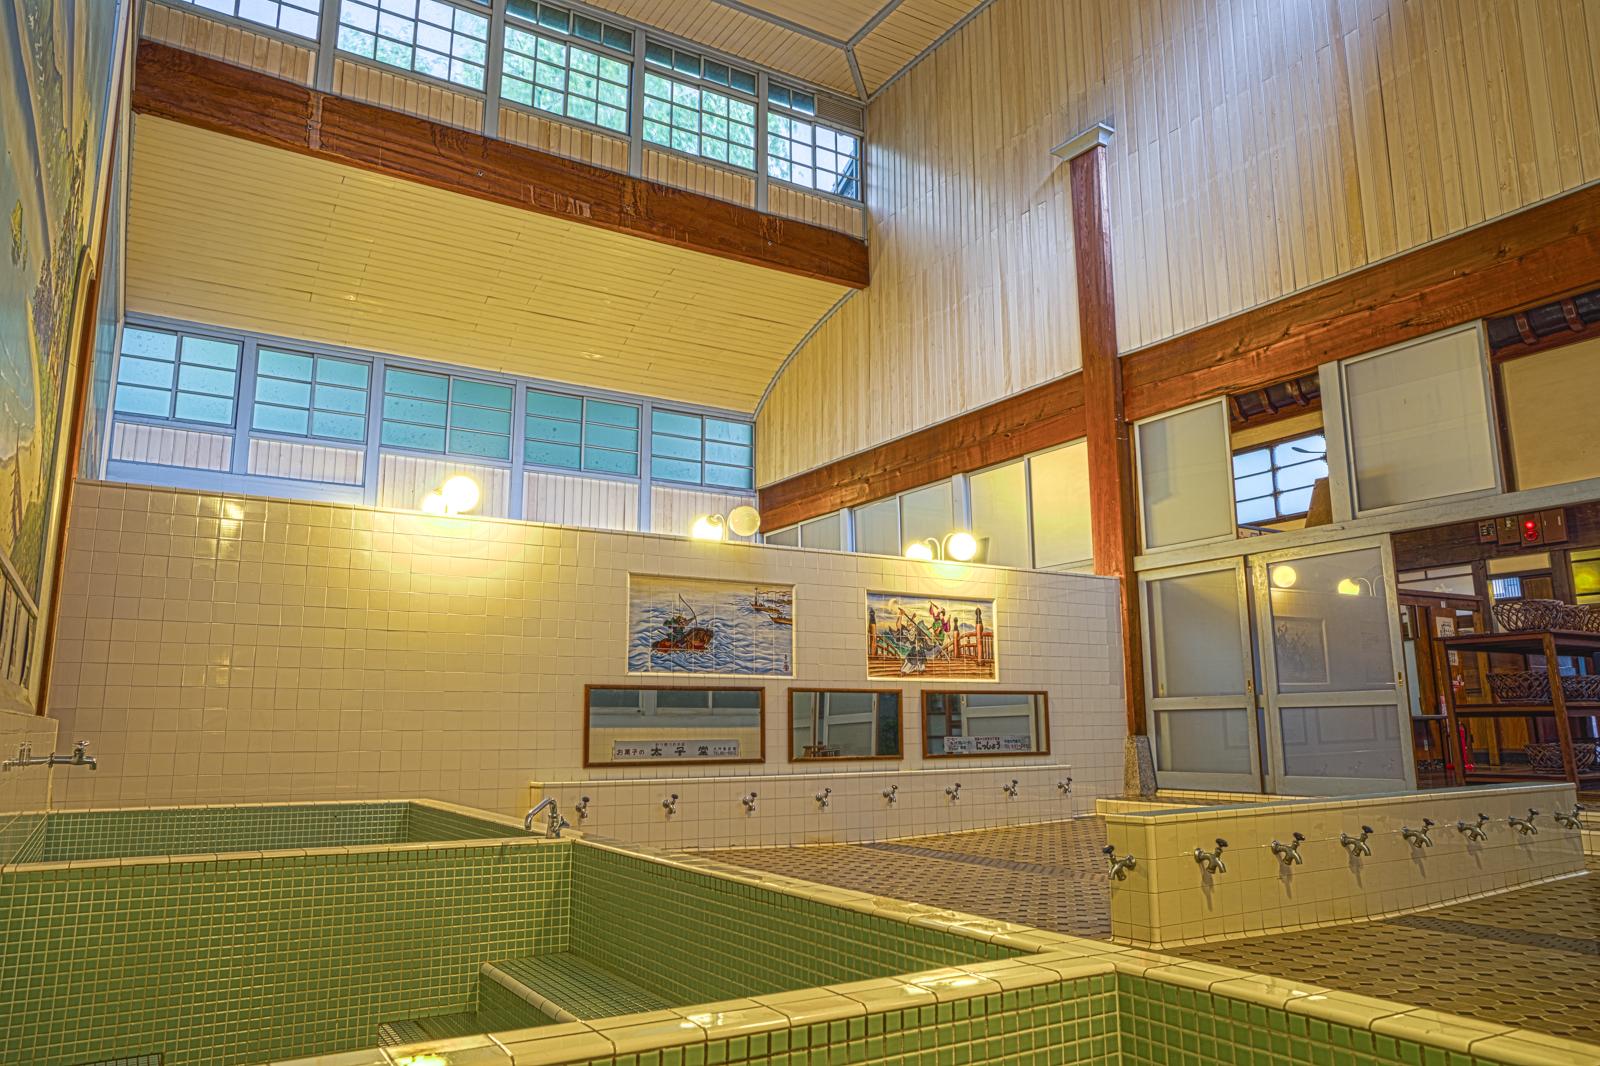 子宝湯、浴槽付近から撮影した浴場のHDR写真